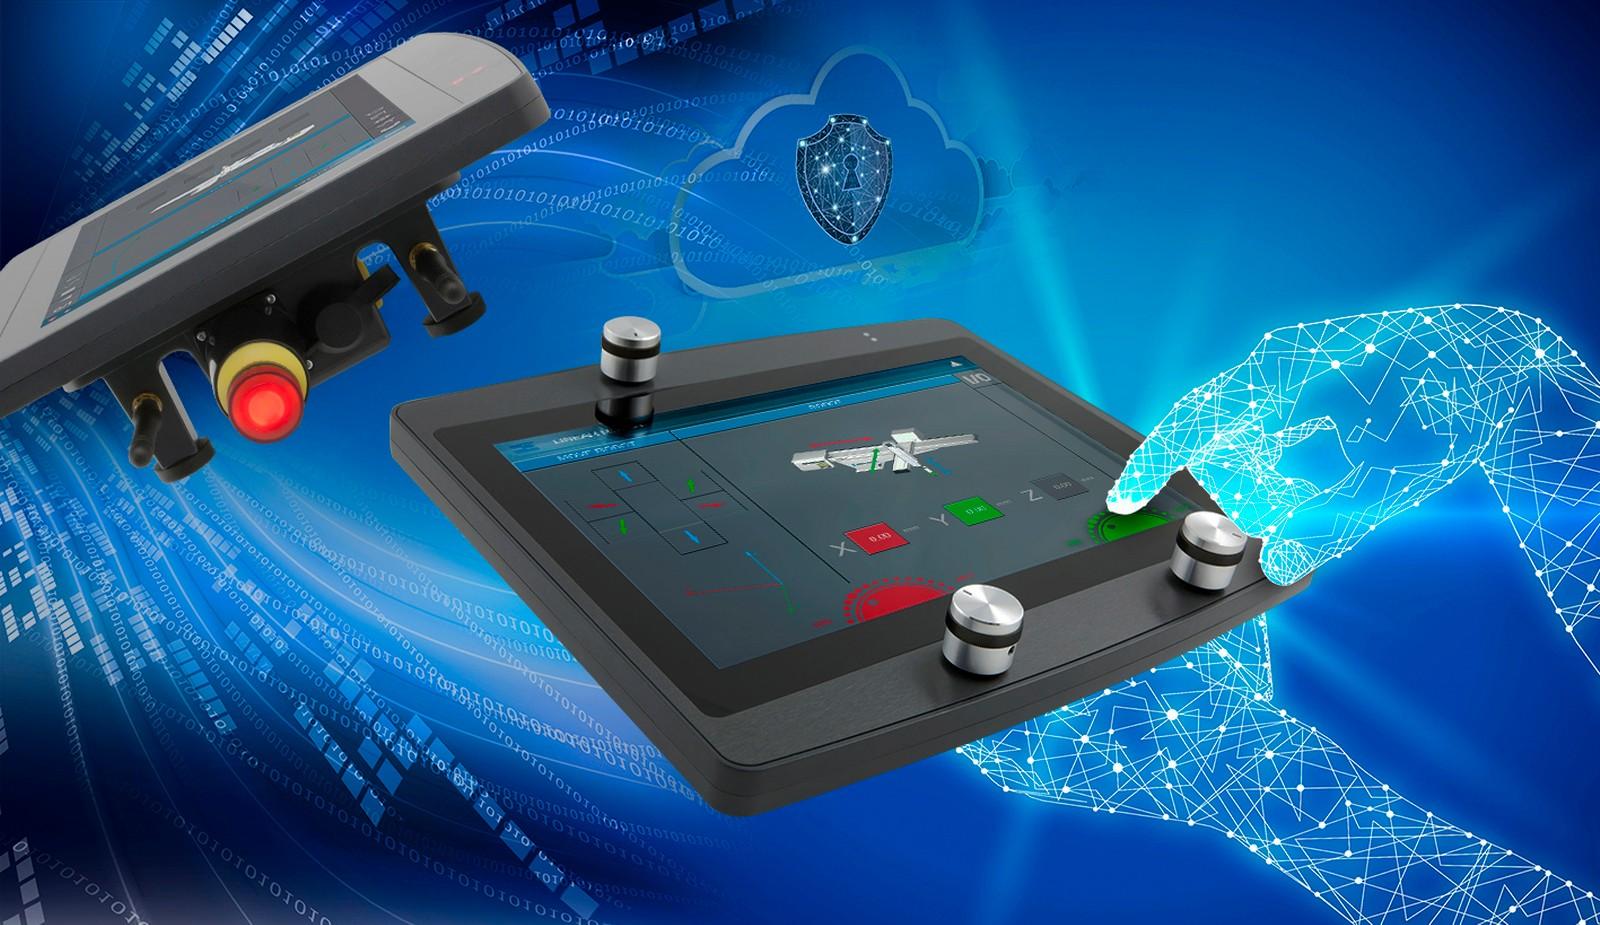 Die wireless Bedienpanels von Sigmatek bieten den Nutzern Bedienfreiheit und sorgen für Effizienz.